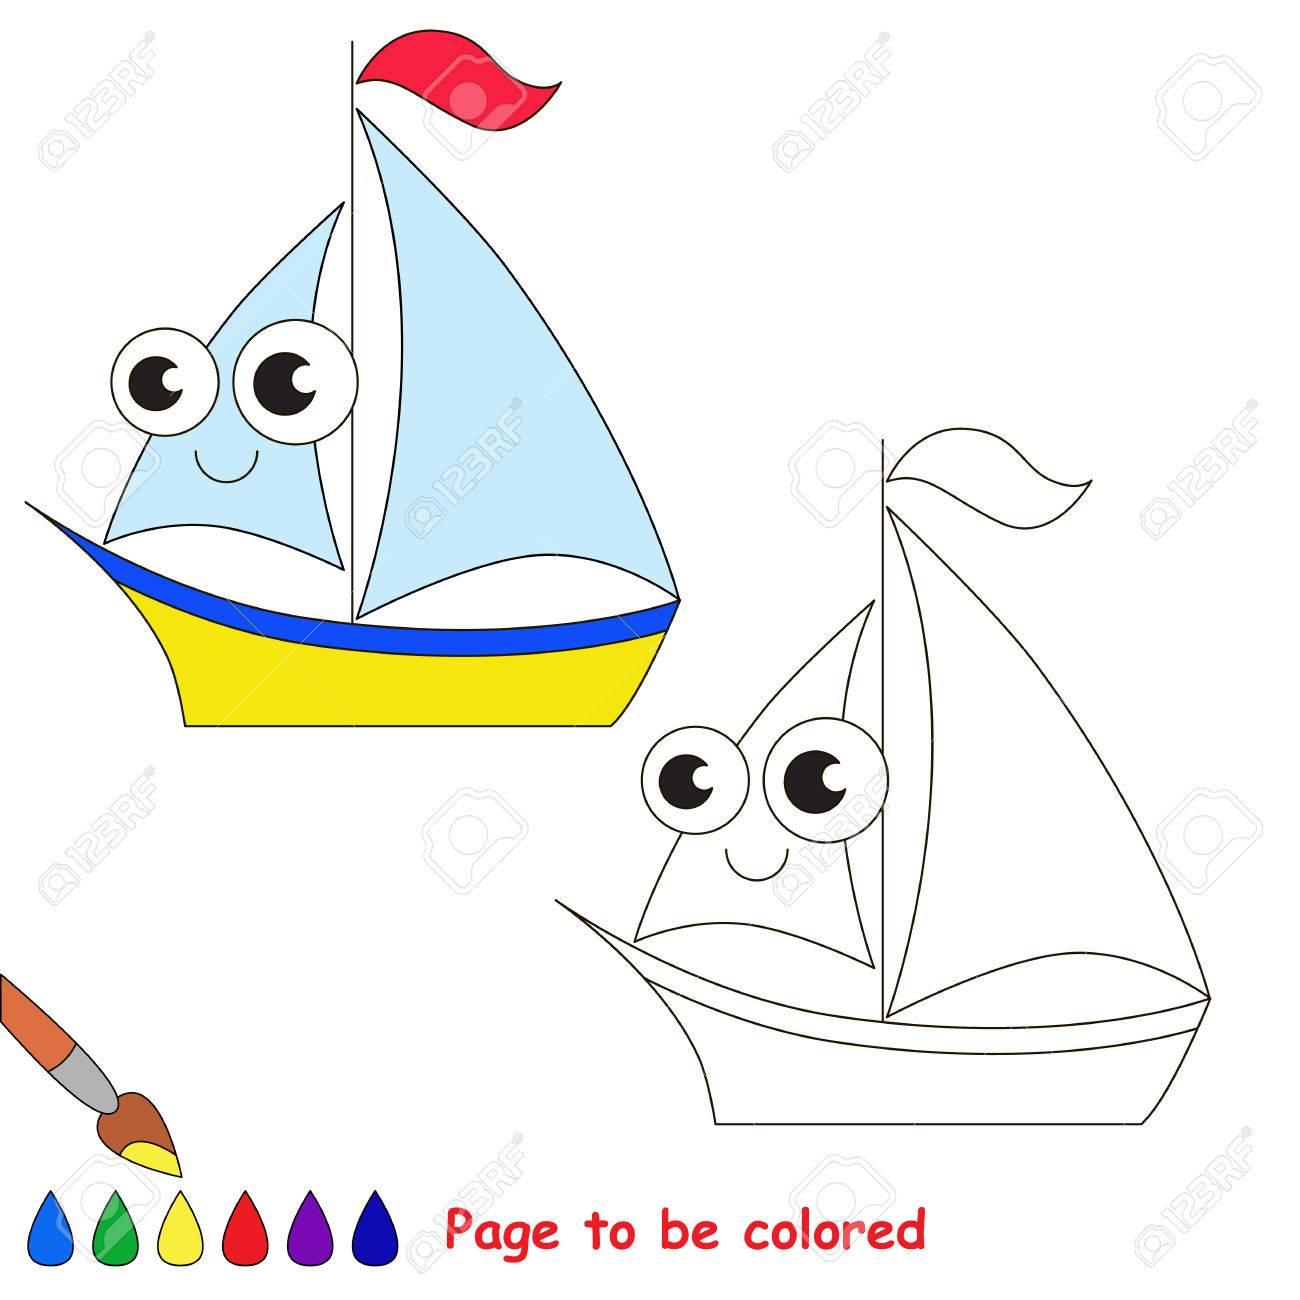 Bateau Coloriage Couleur.Bateau Jaune A Colorer Livre A Colorier Pour Eduquer Les Enfants